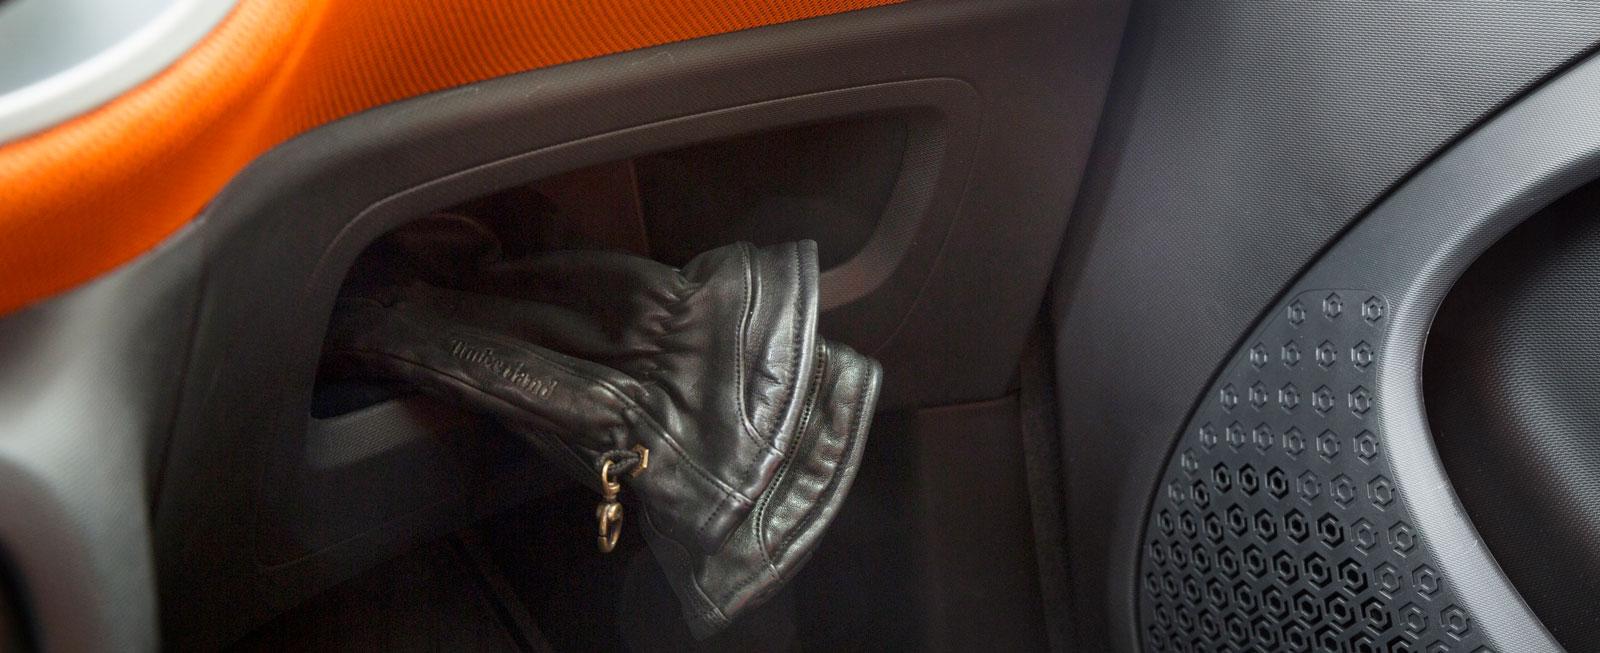 I handskfacket, som saknar lucka, ryms inte ens handskar. Kardborreband håller instruktionsboken på bagagemattan.